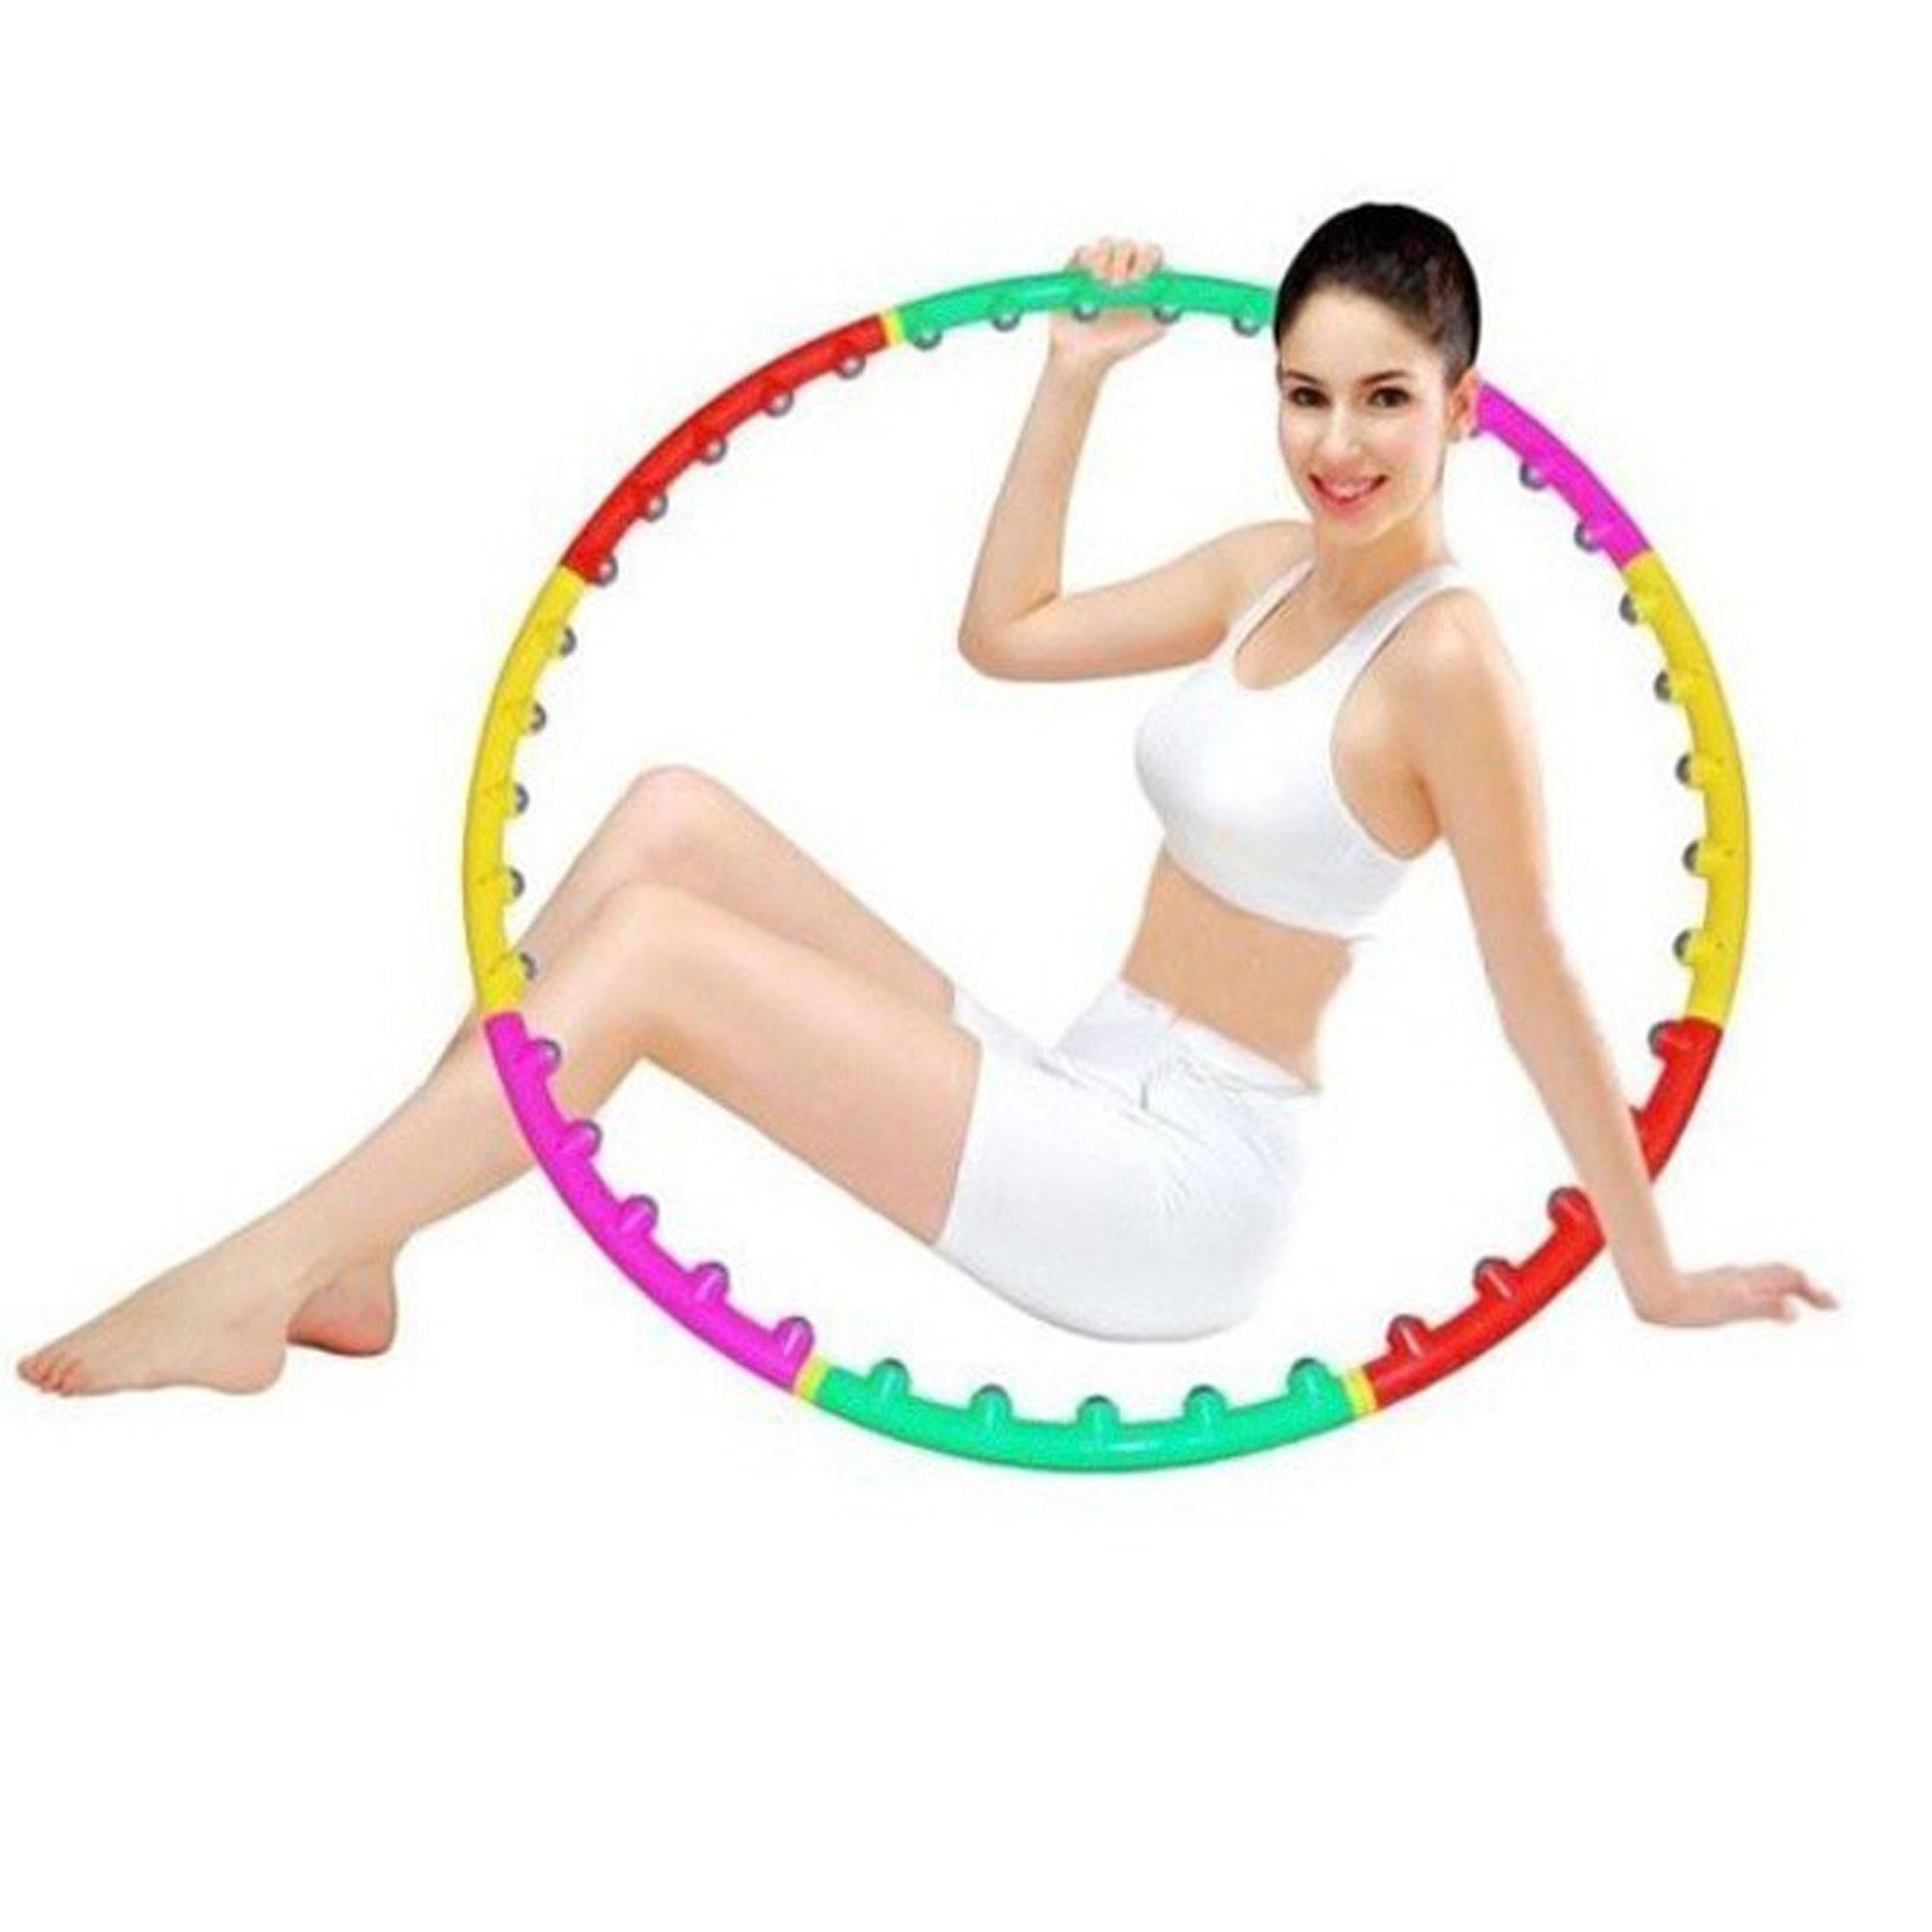 Vòng lắc giảm eo cho thân hình tuyệt hảo không bệnh tật - lắp ráp cực gọn nhẹ - NDHS-544-VoLa